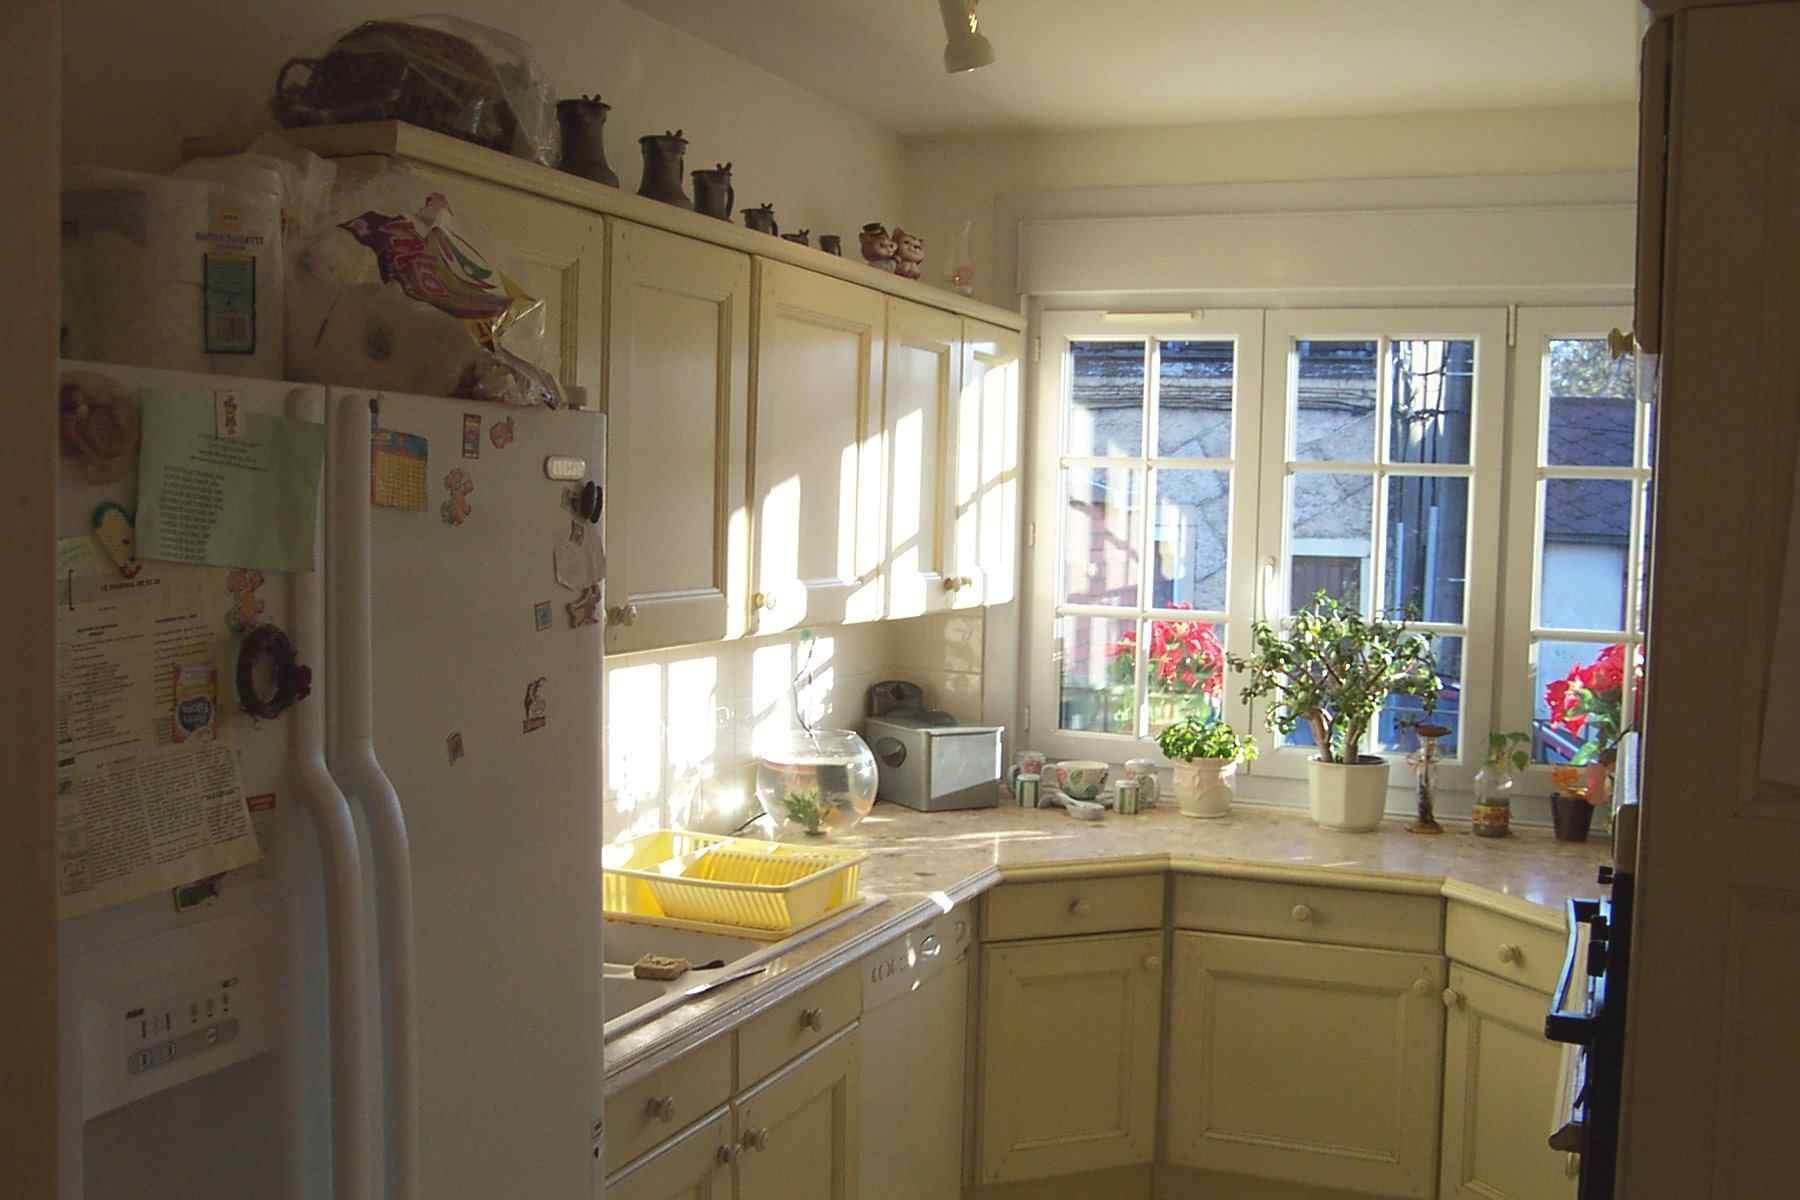 Cuisine et maison top cuisine for Cuisine maison france 5